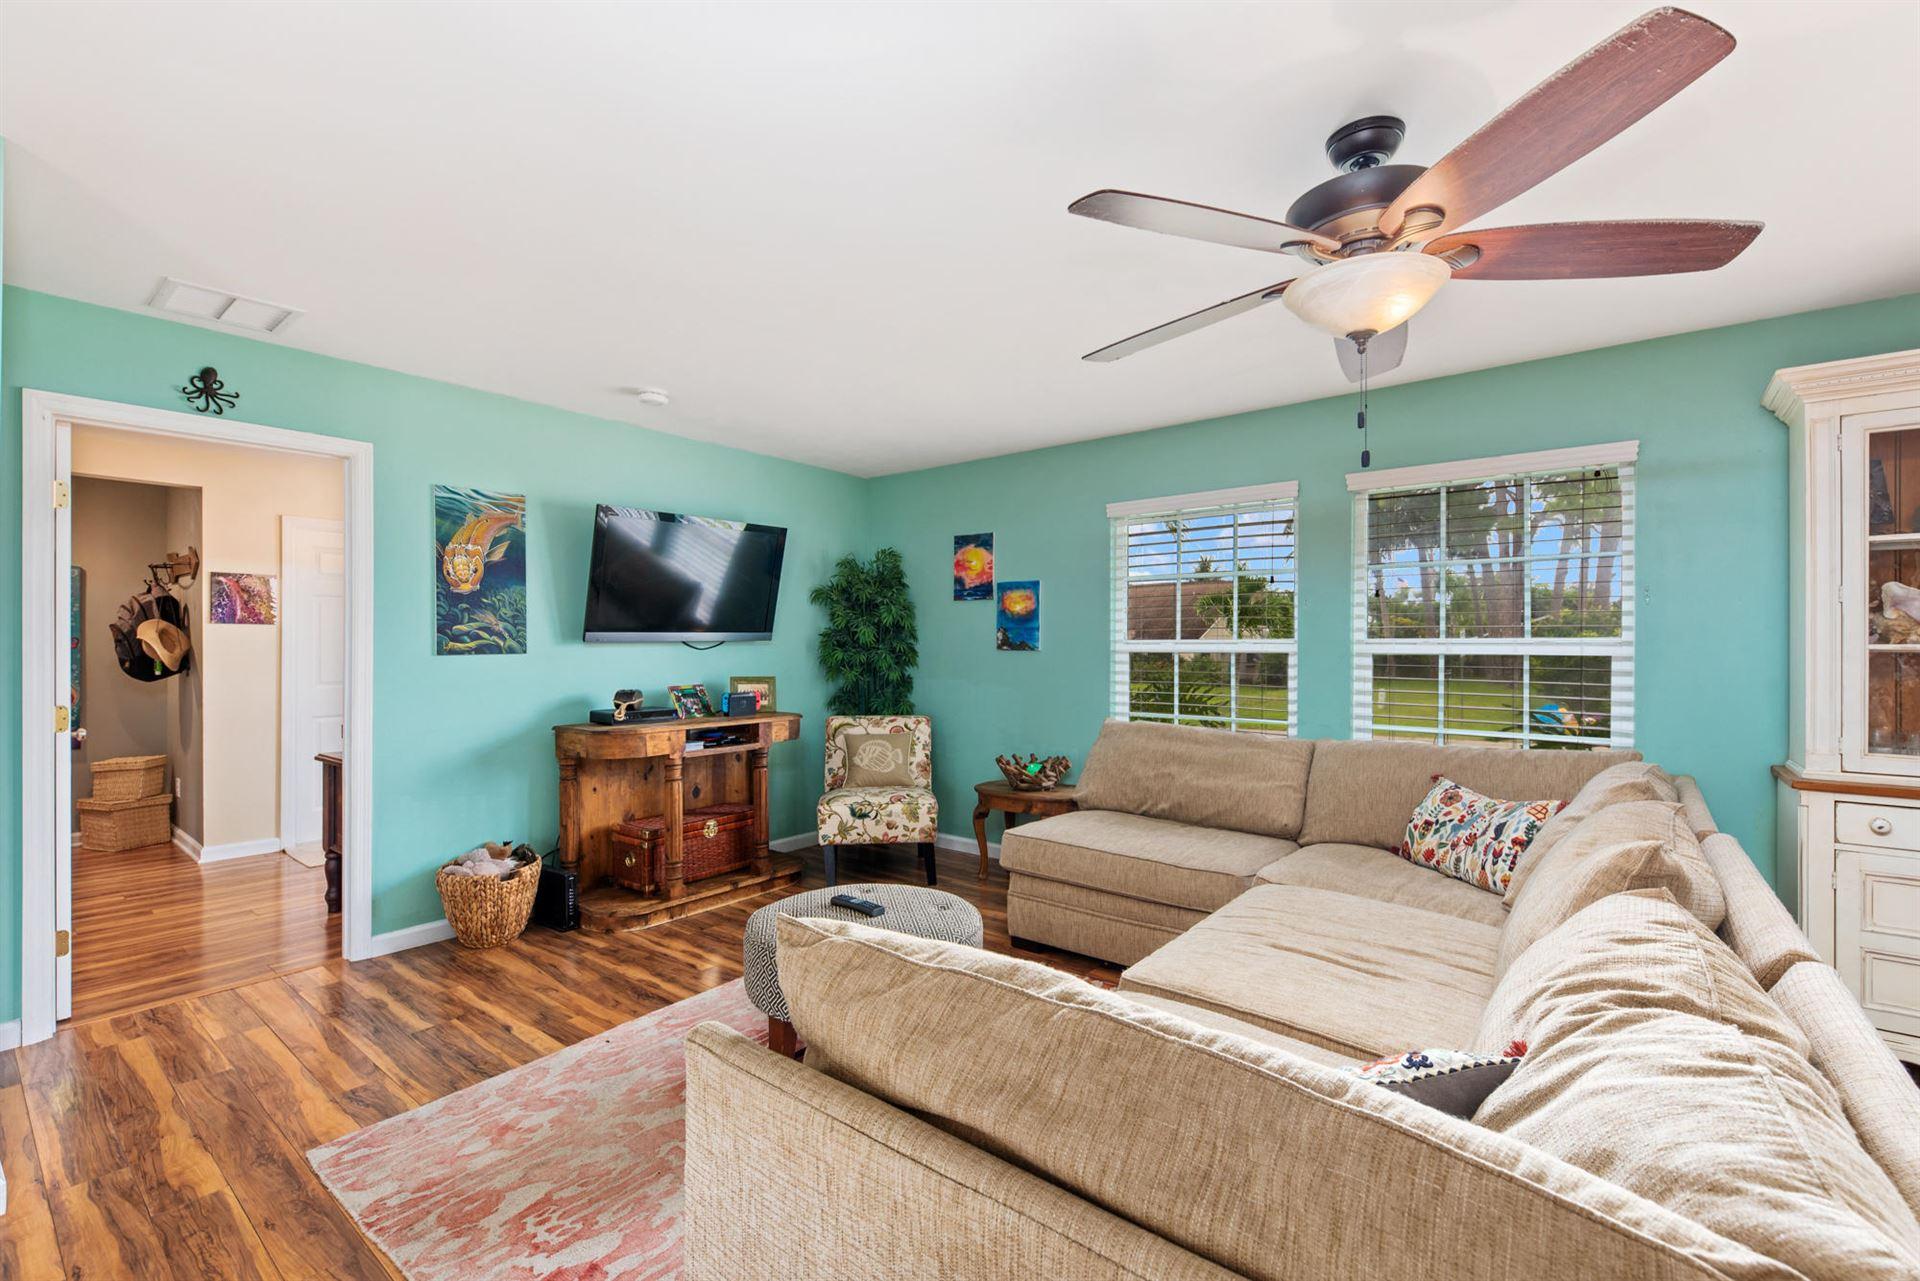 Photo of 4757 SE Major Way, Stuart, FL 34997 (MLS # RX-10646124)